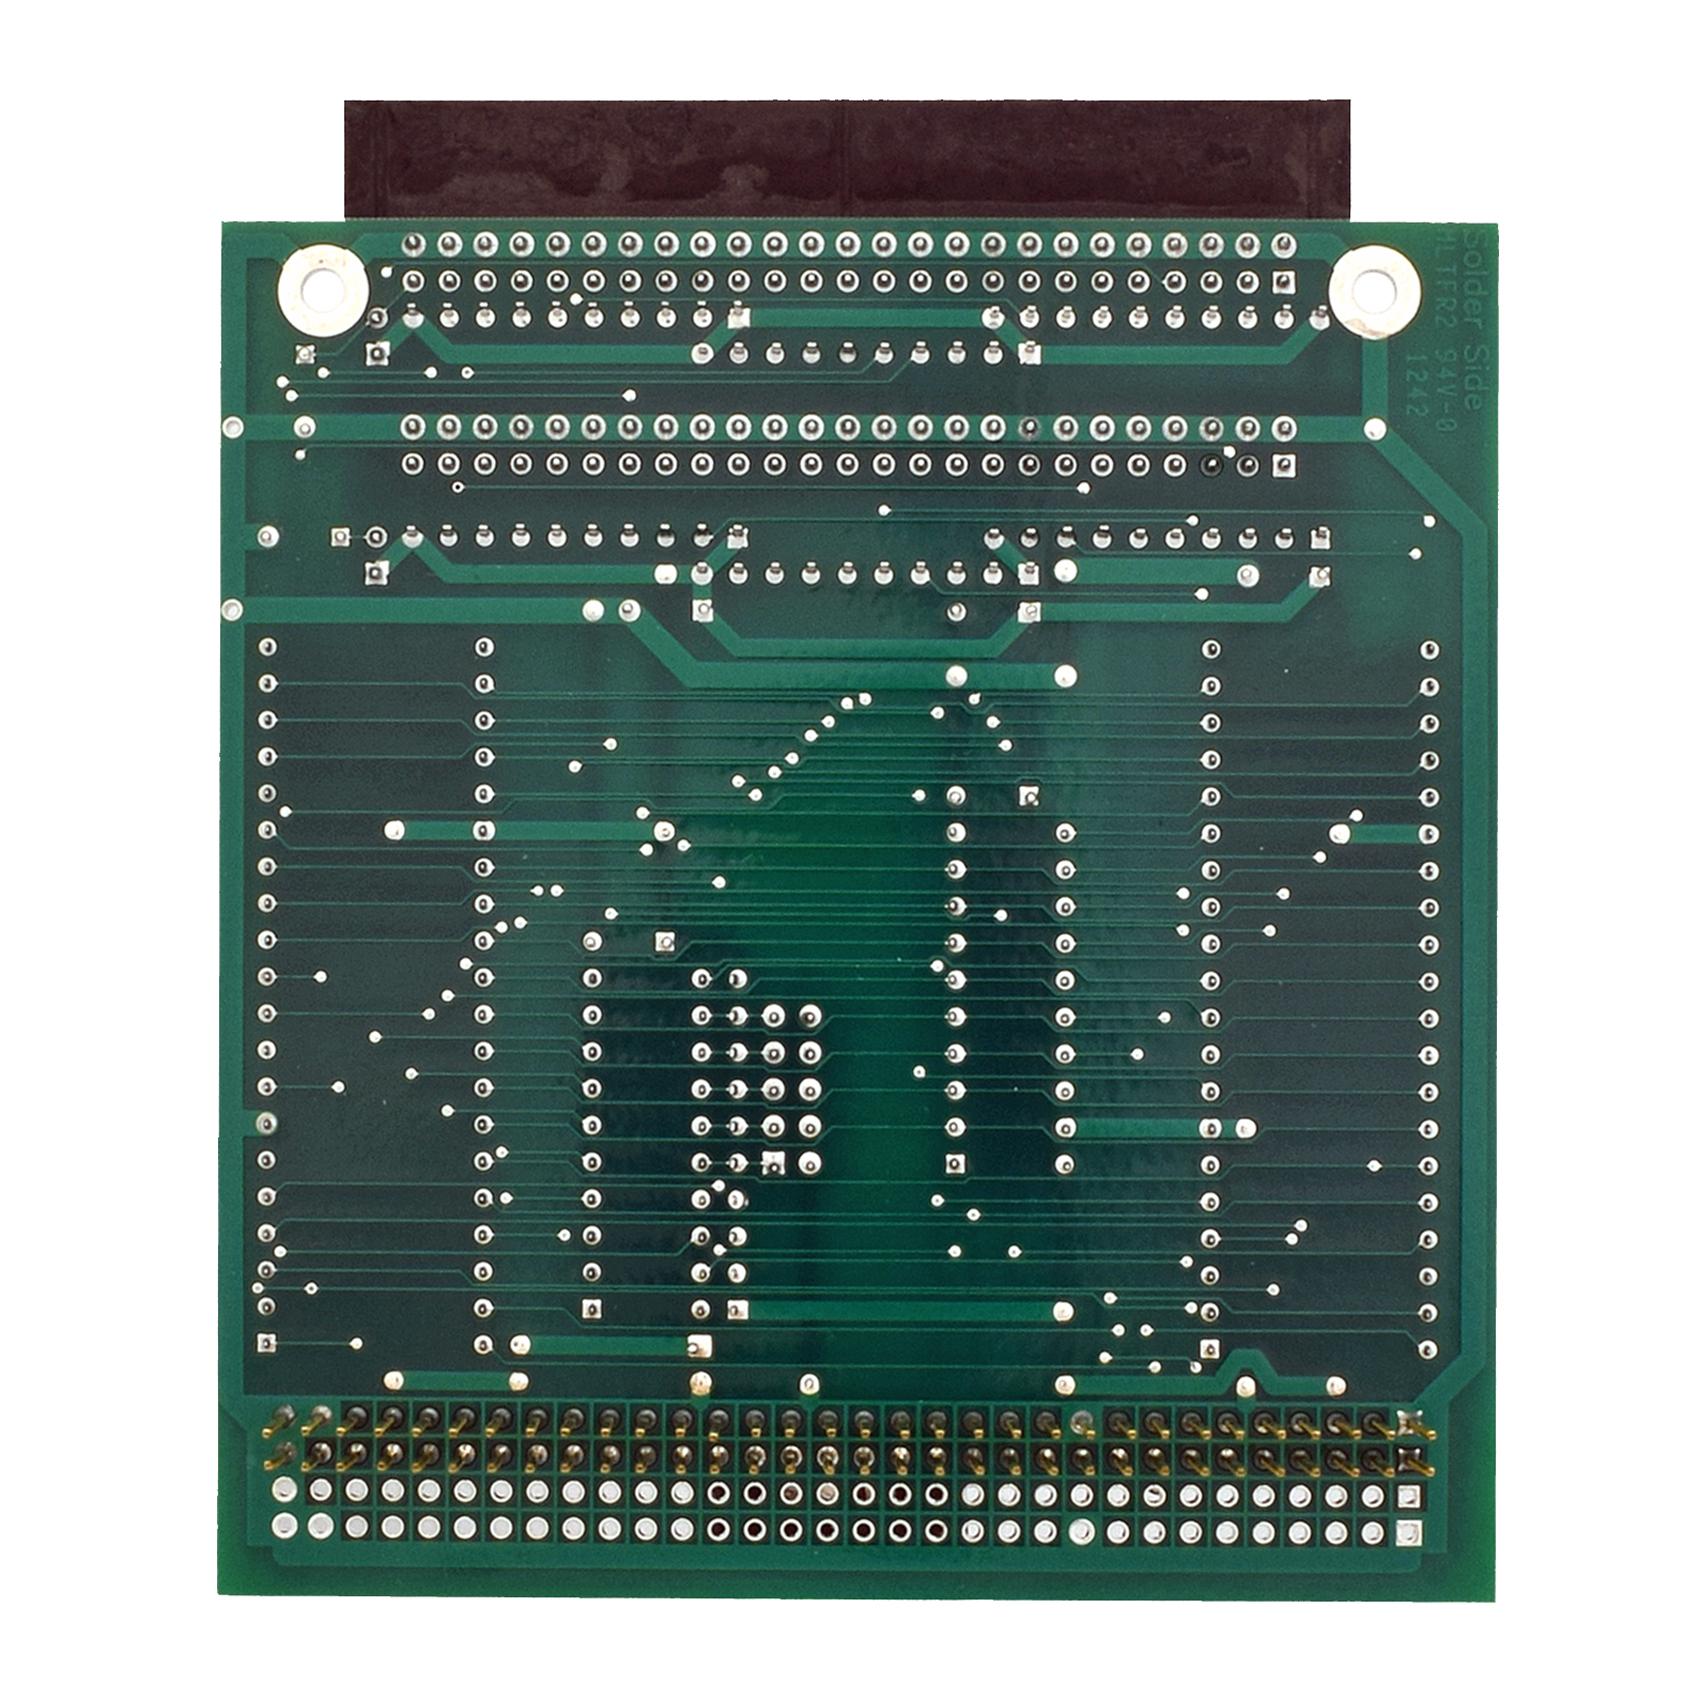 8255 Compatible PC/104 Module provides 48 GPIO – WINSYSTEMS